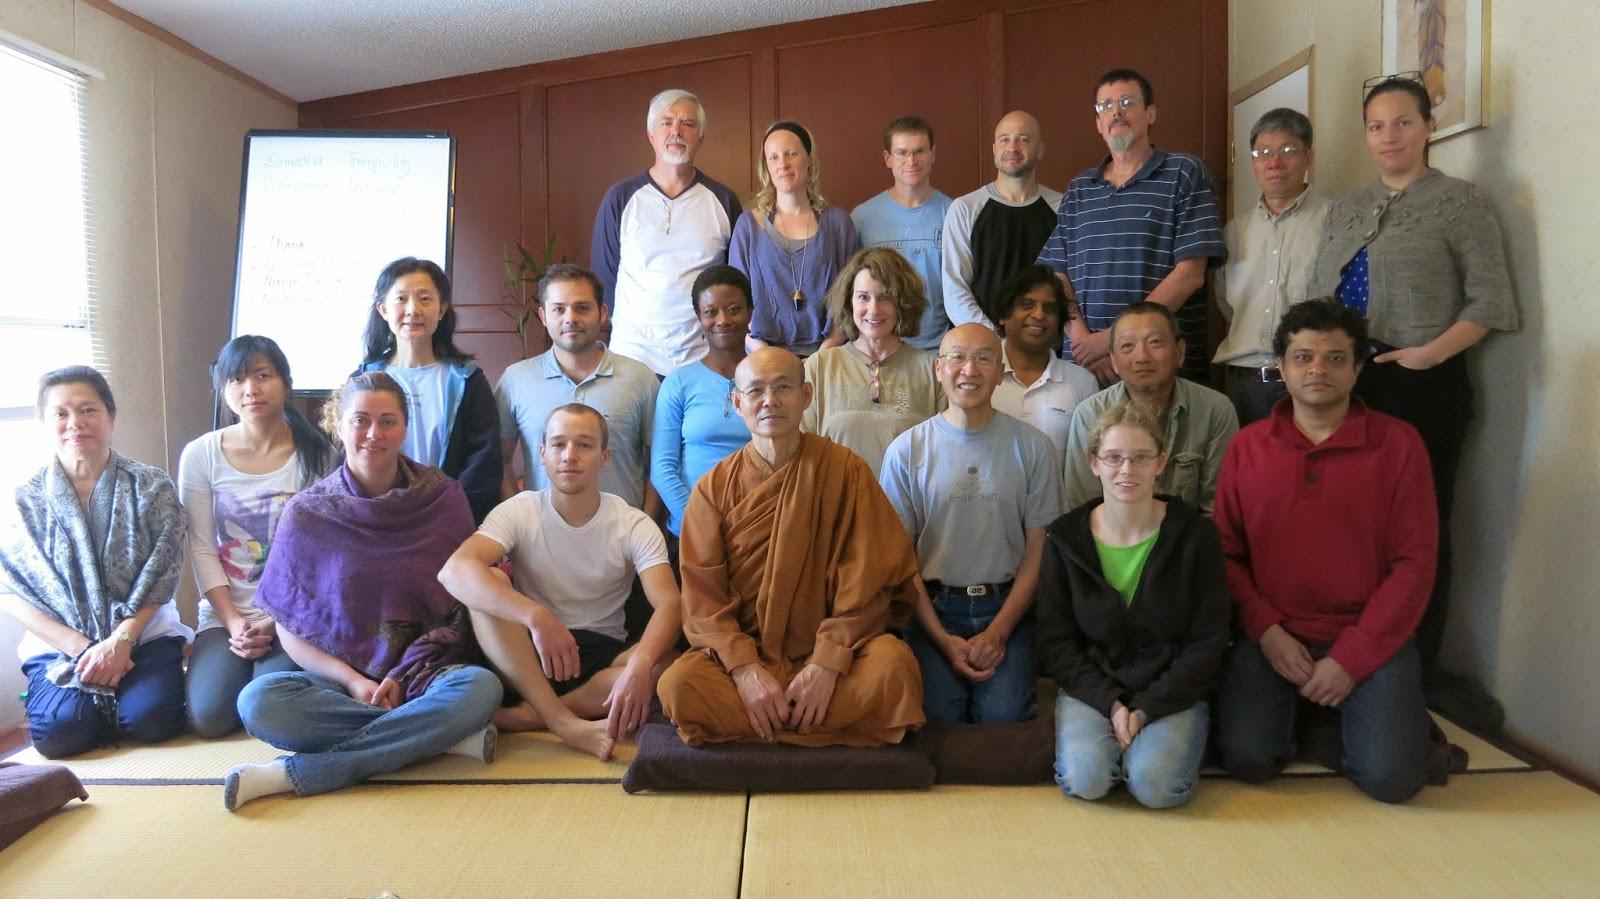 TBA IMG Insight Meditation Group of Houston